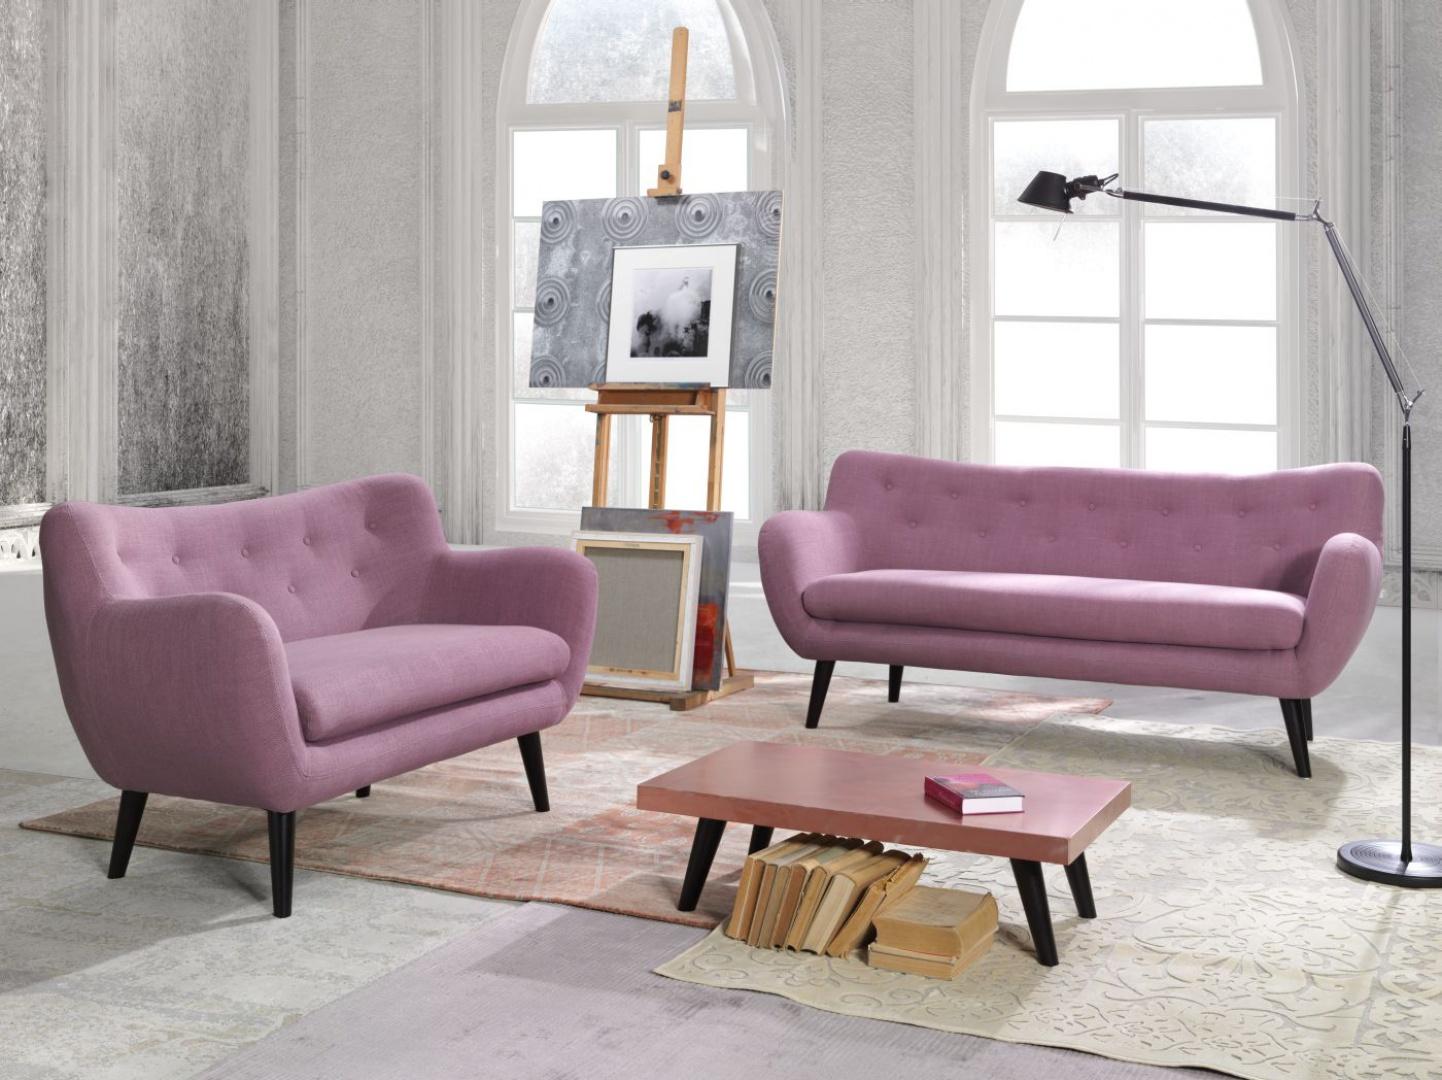 Sofa George. Mebel posiada stylowy wygląd. Świetnie sprawdzi się zarówno w salonie stylowym, jak też nowoczesnym. Fot. Bydgoskie Meble